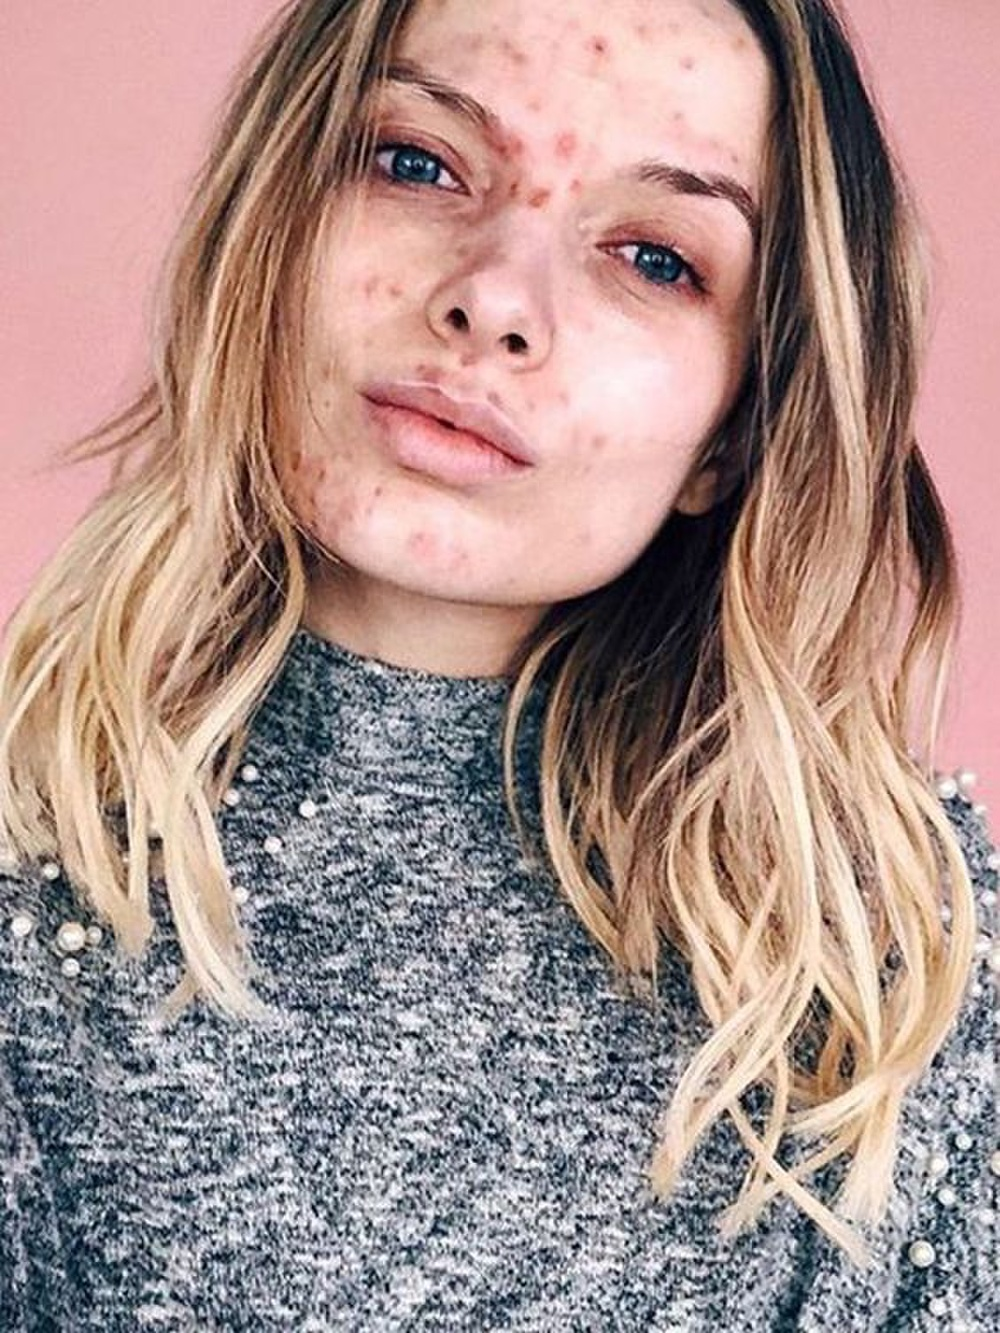 7 sản phẩm skincare quen thuộc có thể làm hỏng da của bạn Ảnh 2